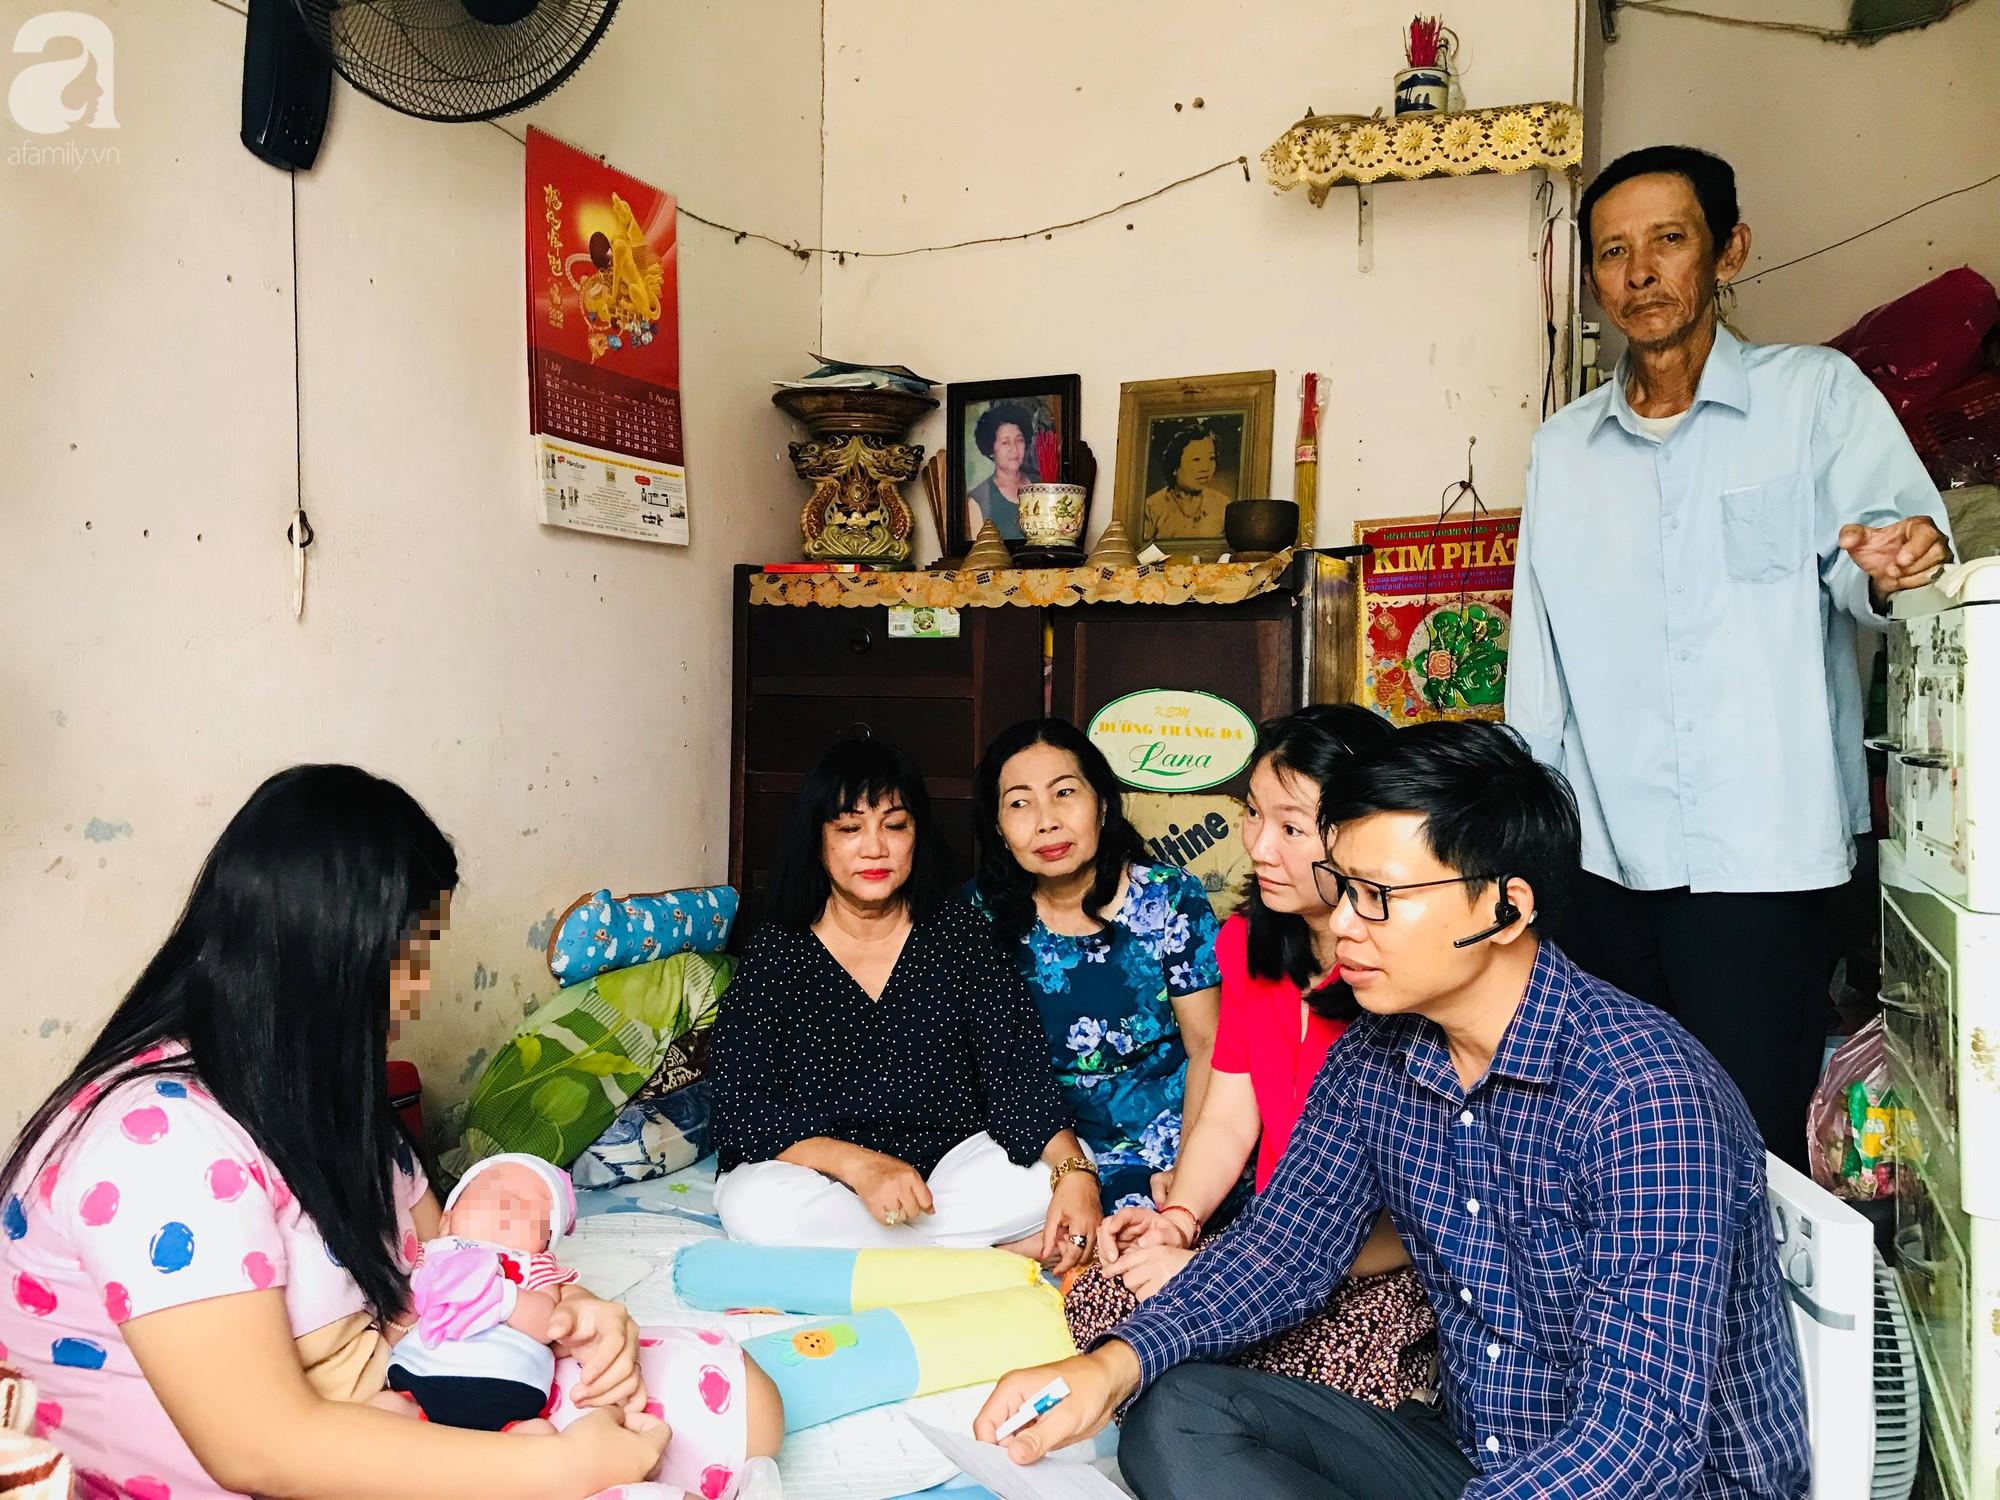 Vụ bé gái 14 tuổi bị mẹ bỏ, một mình chăm con trai nửa tháng tuổi: Kẻ xâm hại bé vừa lấy vợ, đang bị công an truy nã - Ảnh 1.